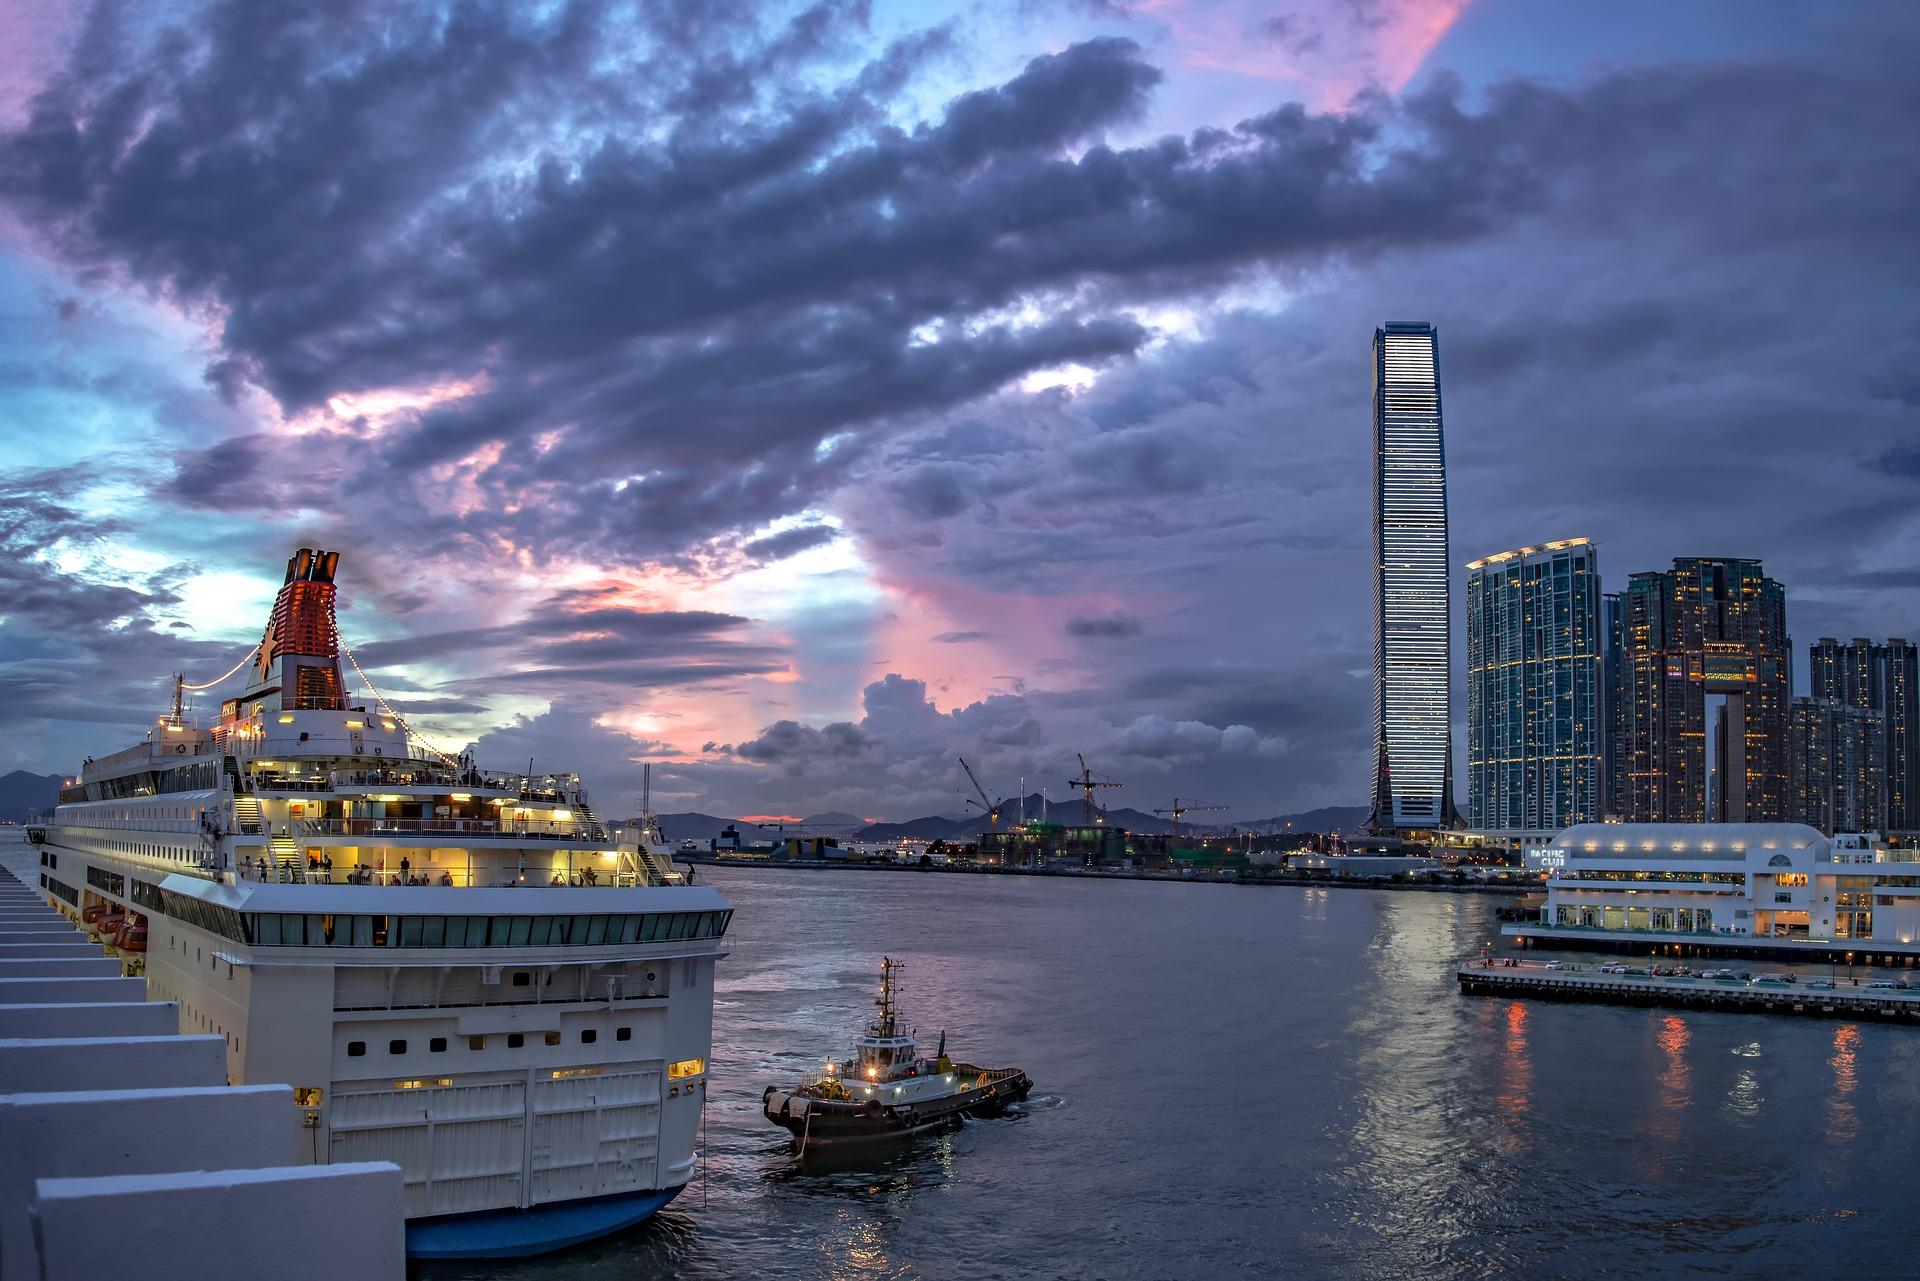 Cruise ship in Hong Kong